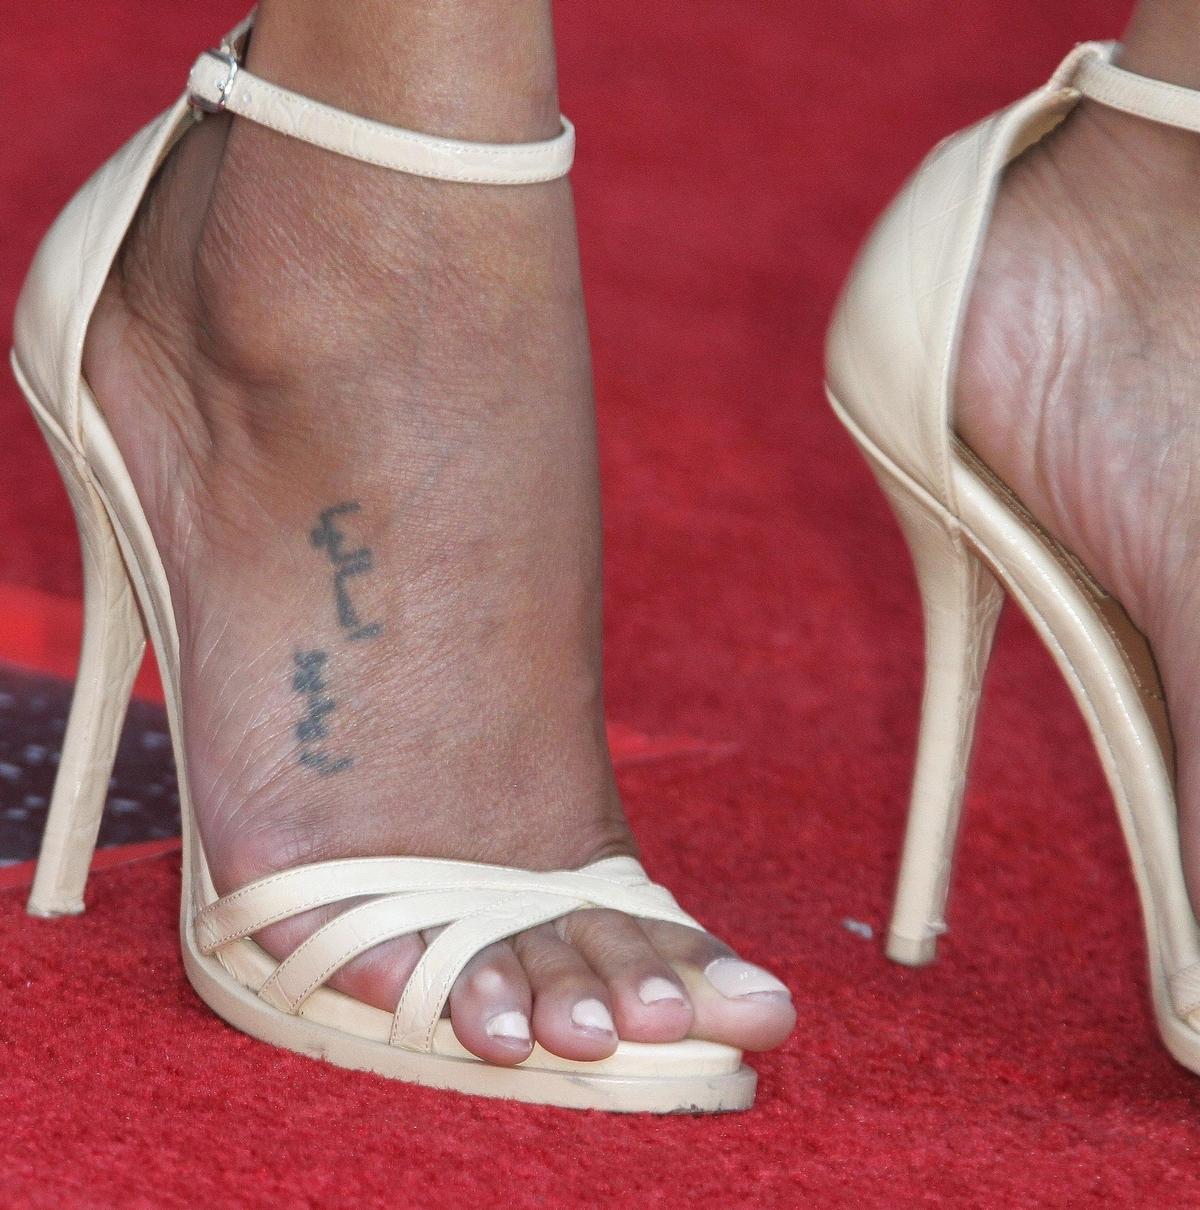 Zoe Saldana's foot